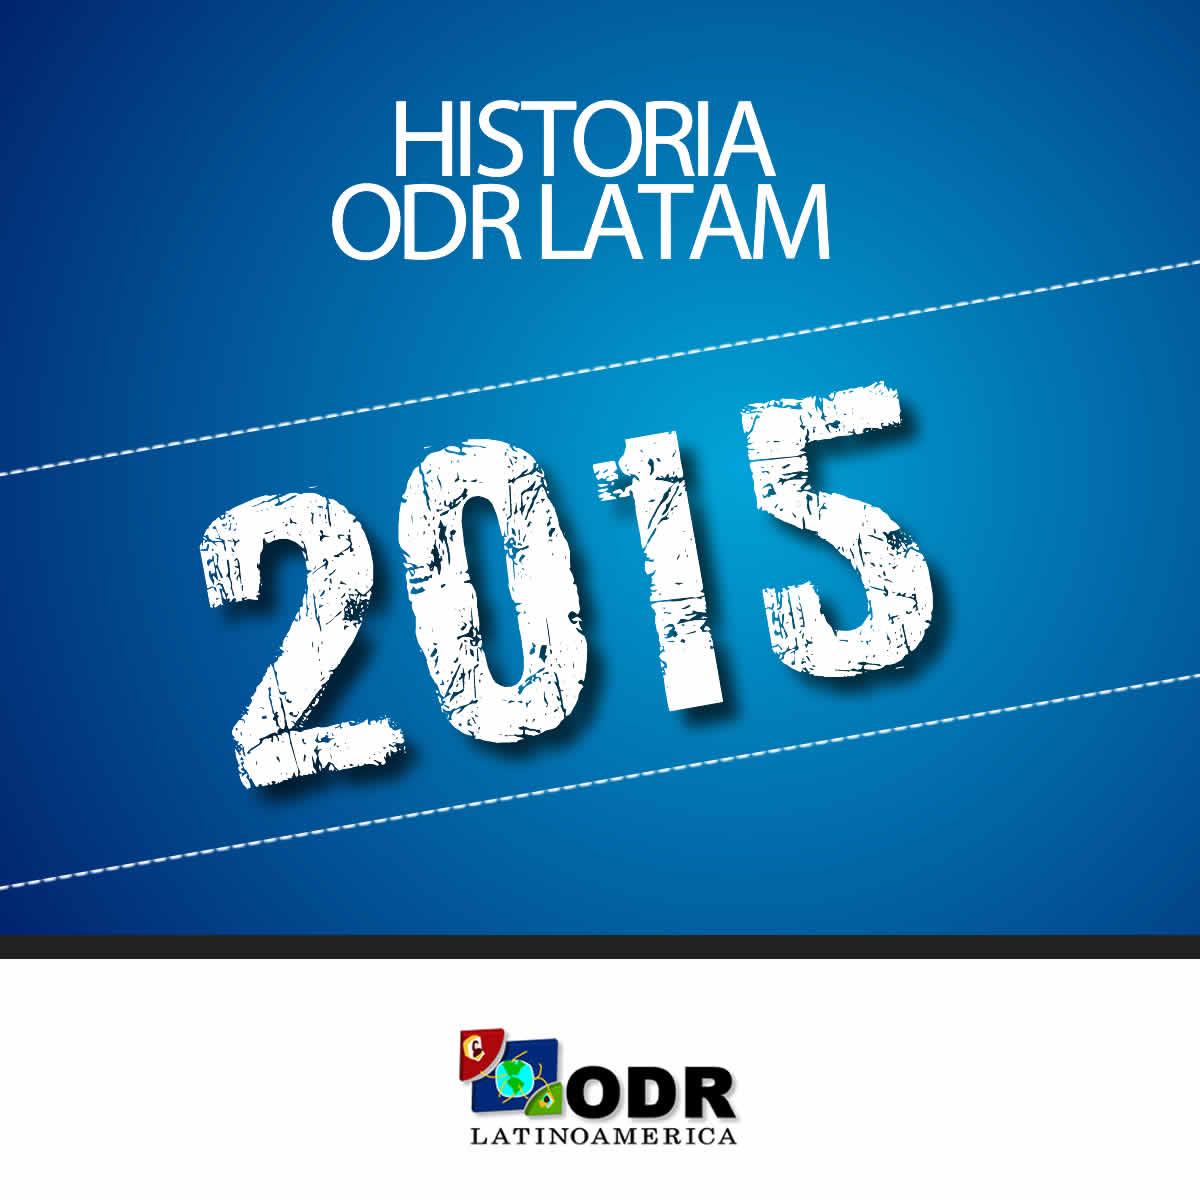 Historia ODR LATAM 2015